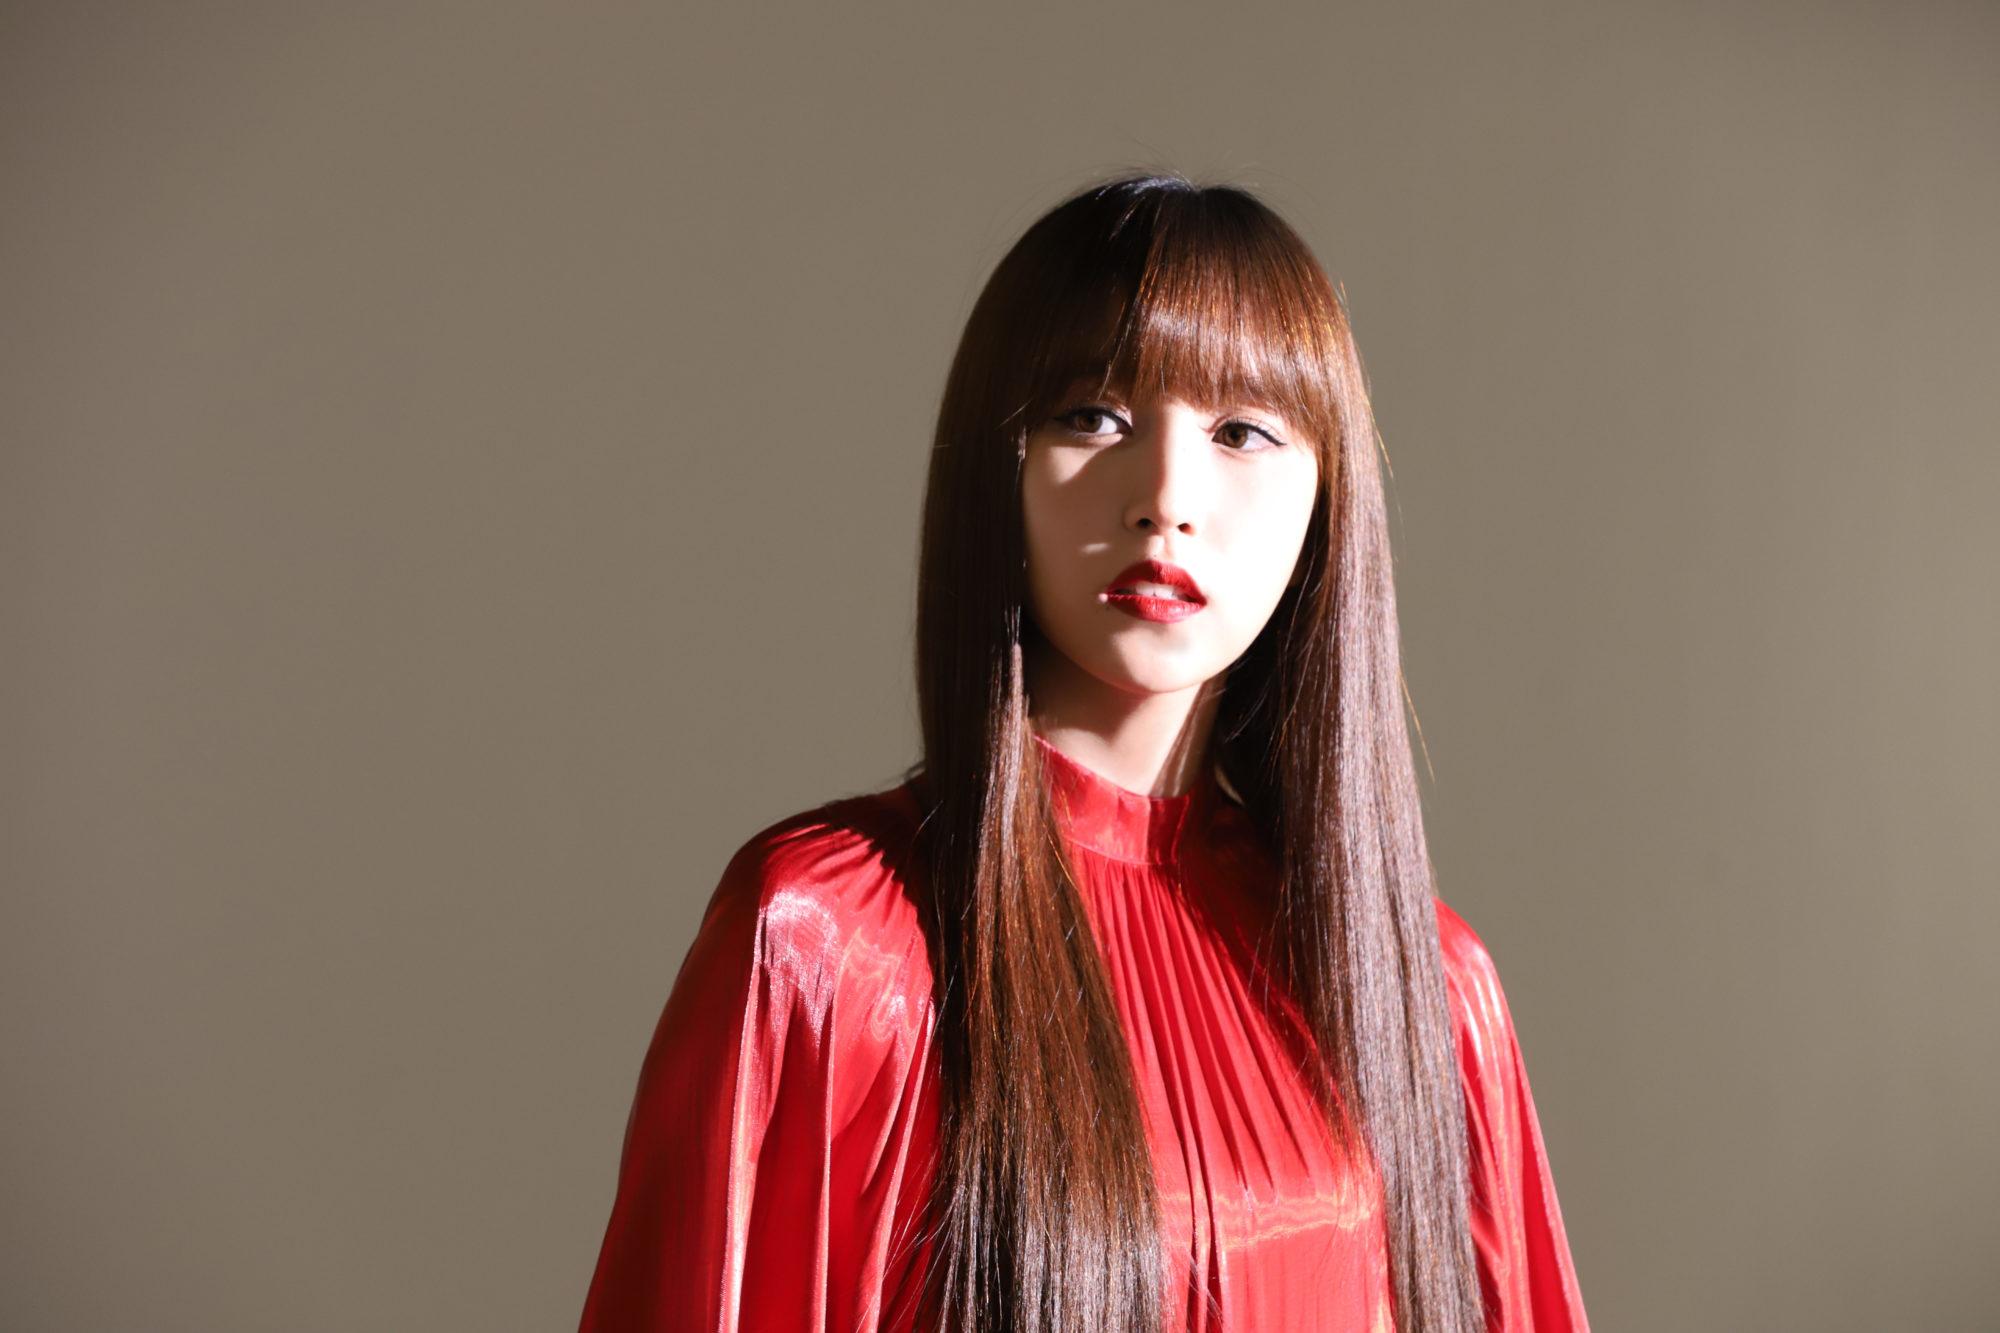 Twice Allure Mina 2019 HD